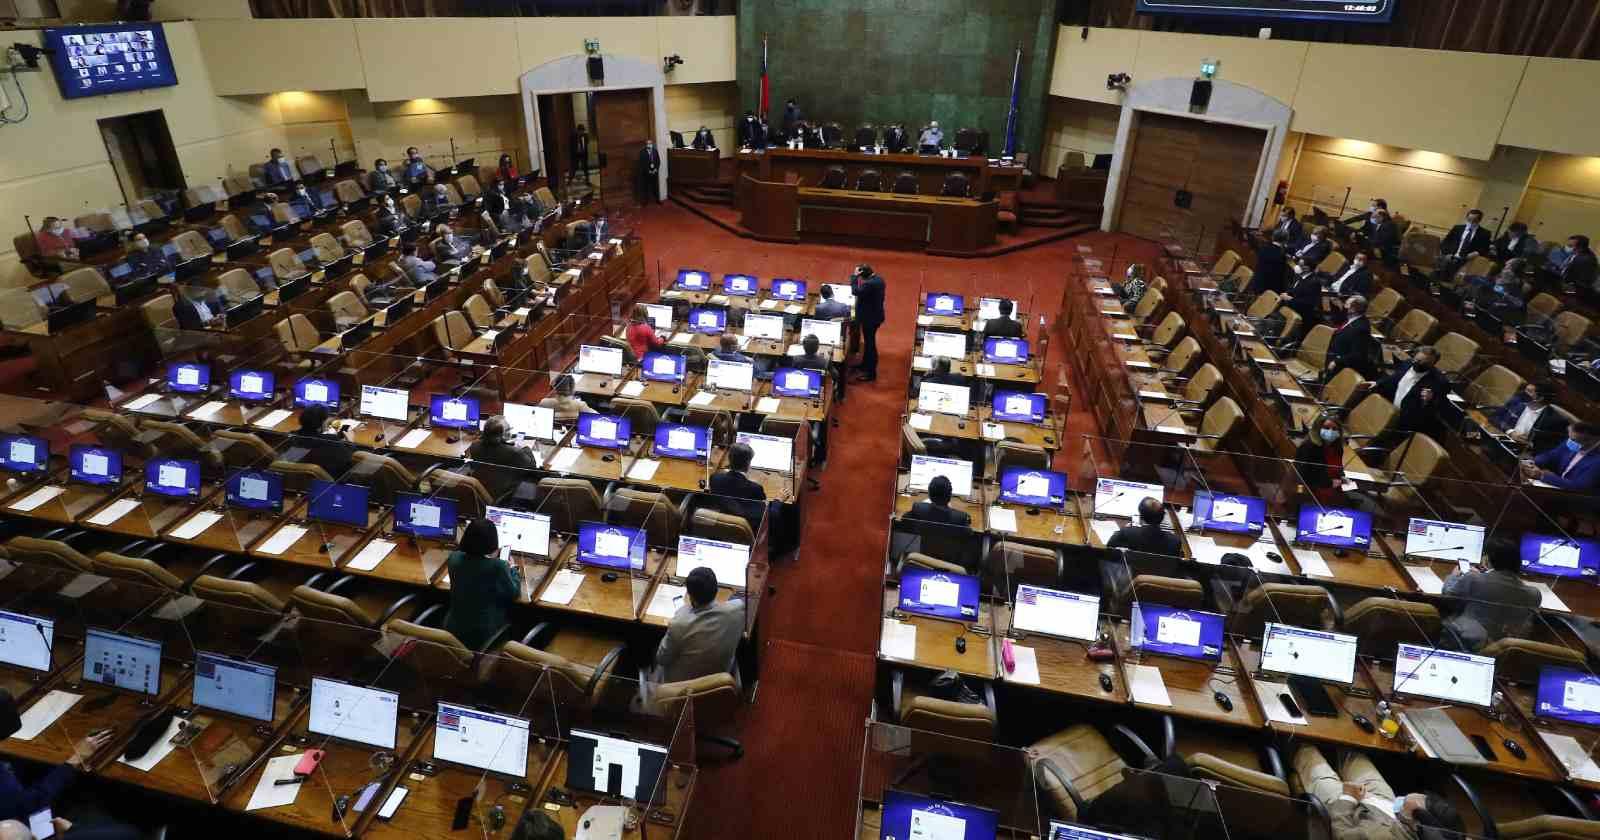 Burocracia del Congreso tiene pendientes proyectos desde 1990